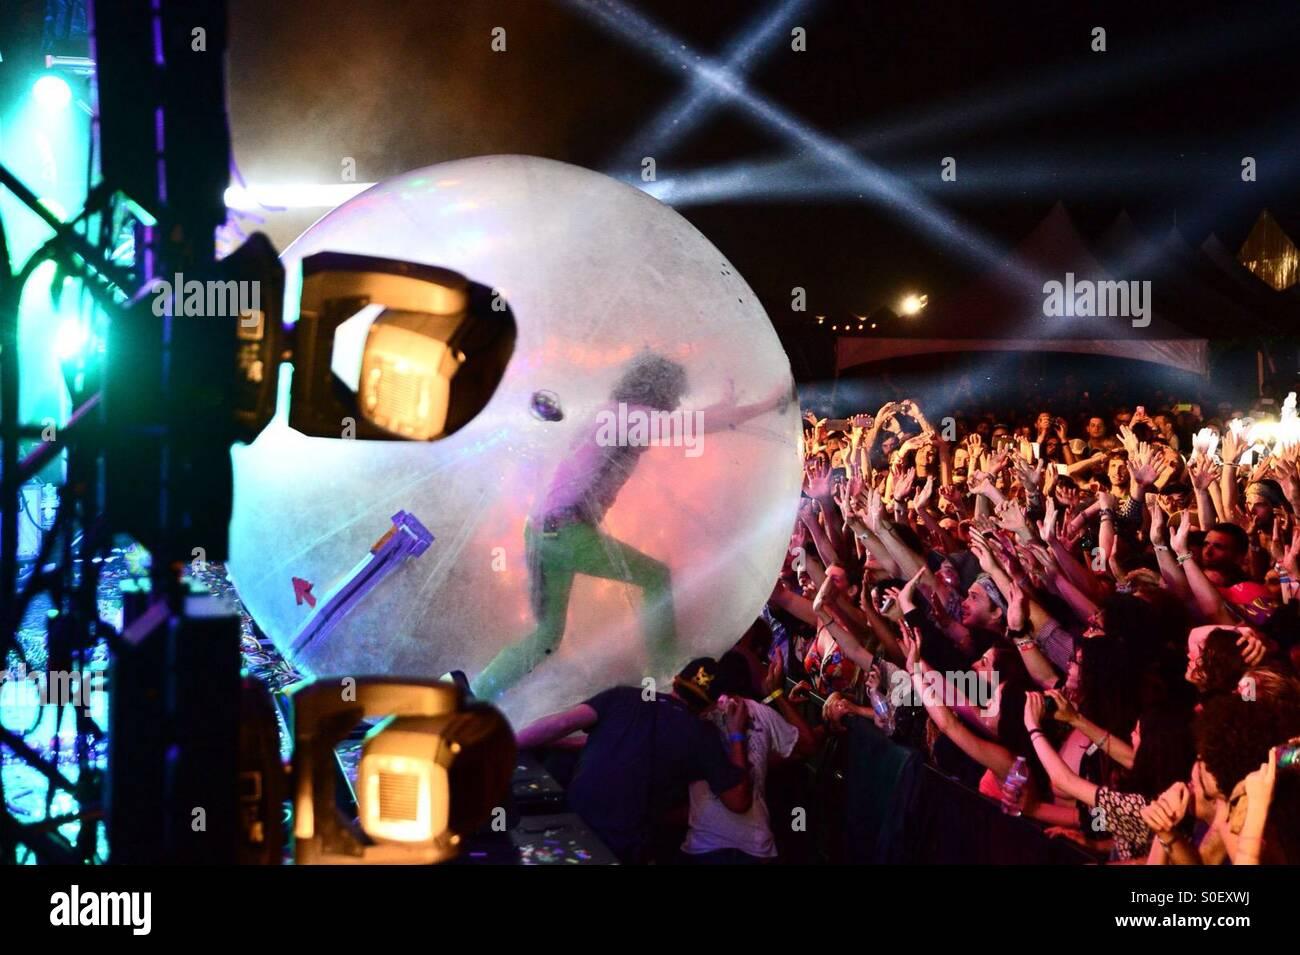 Il Flaming Lips Wayne Coyne testa fuori in mezzo alla folla nella sua firma 'hamster ball' durante la levitazione Immagini Stock